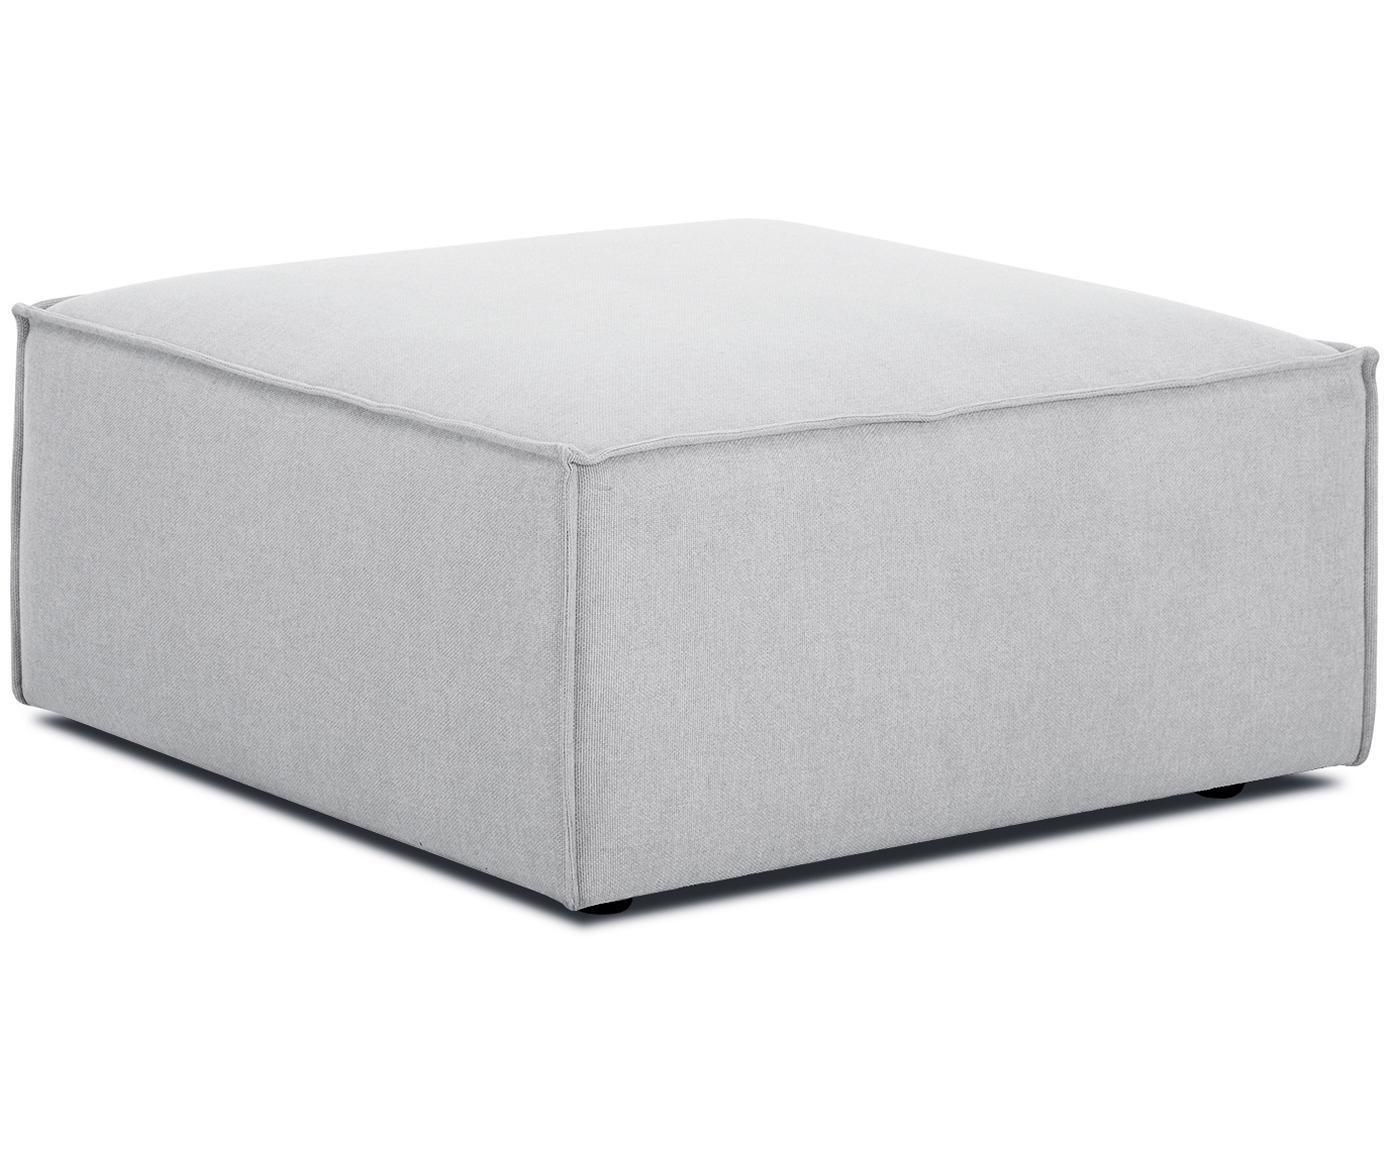 Poggiapiedi da divano Lennon, Rivestimento: poliestere 35.000 cicli d, Struttura: legno di pino massiccio, , Piedini: materiale sintetico, Tessuto grigio chiaro, Larg. 88 x Alt. 43 cm